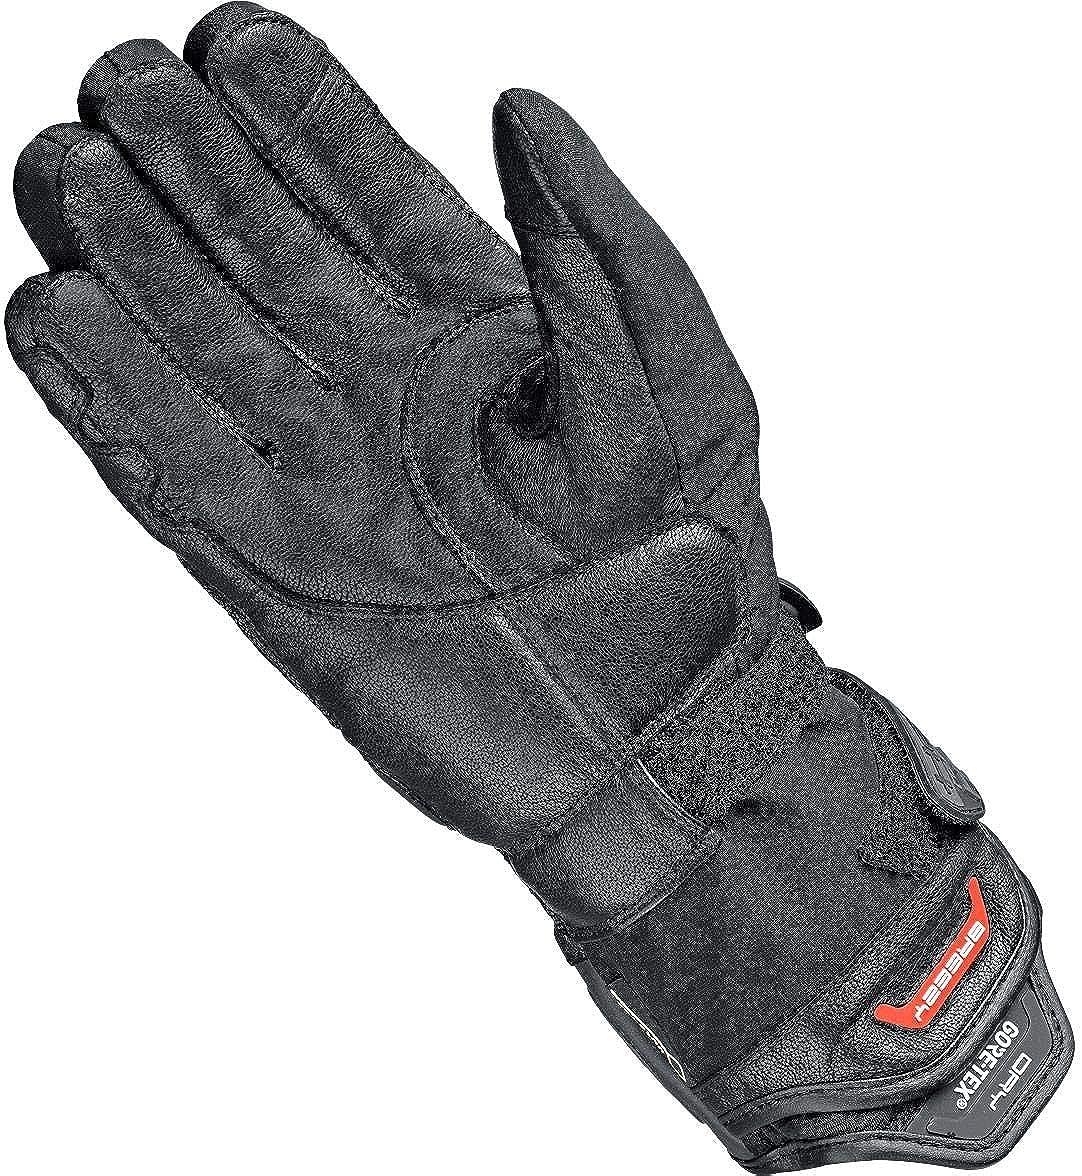 Held Motorradhandschuhe Lang Motorrad Handschuh Satu 2in1 Handschuh Gtx Herren Tourer Ganzjährig Leder Textil Bekleidung